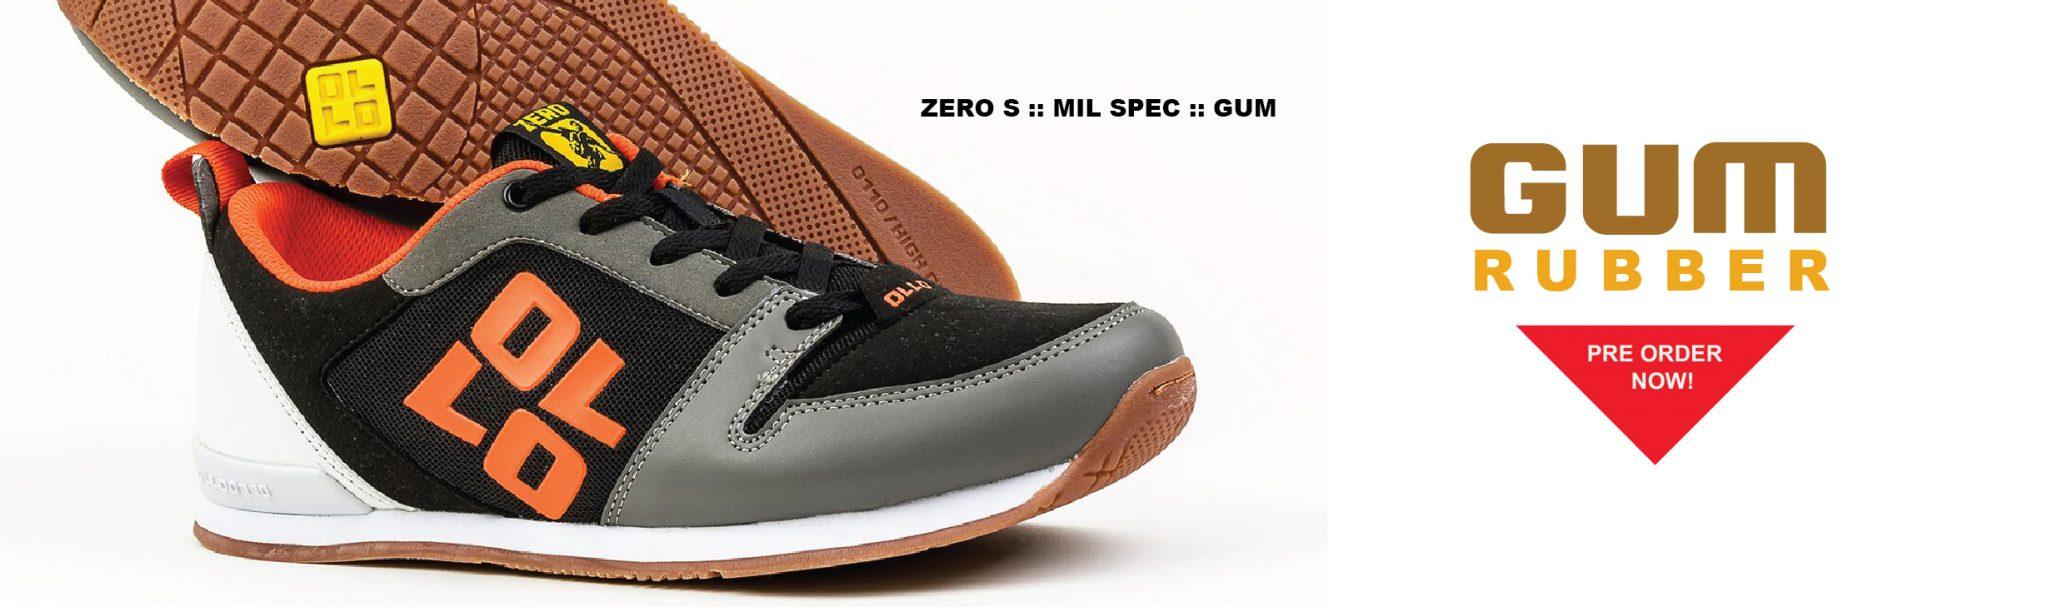 GUM-3-01